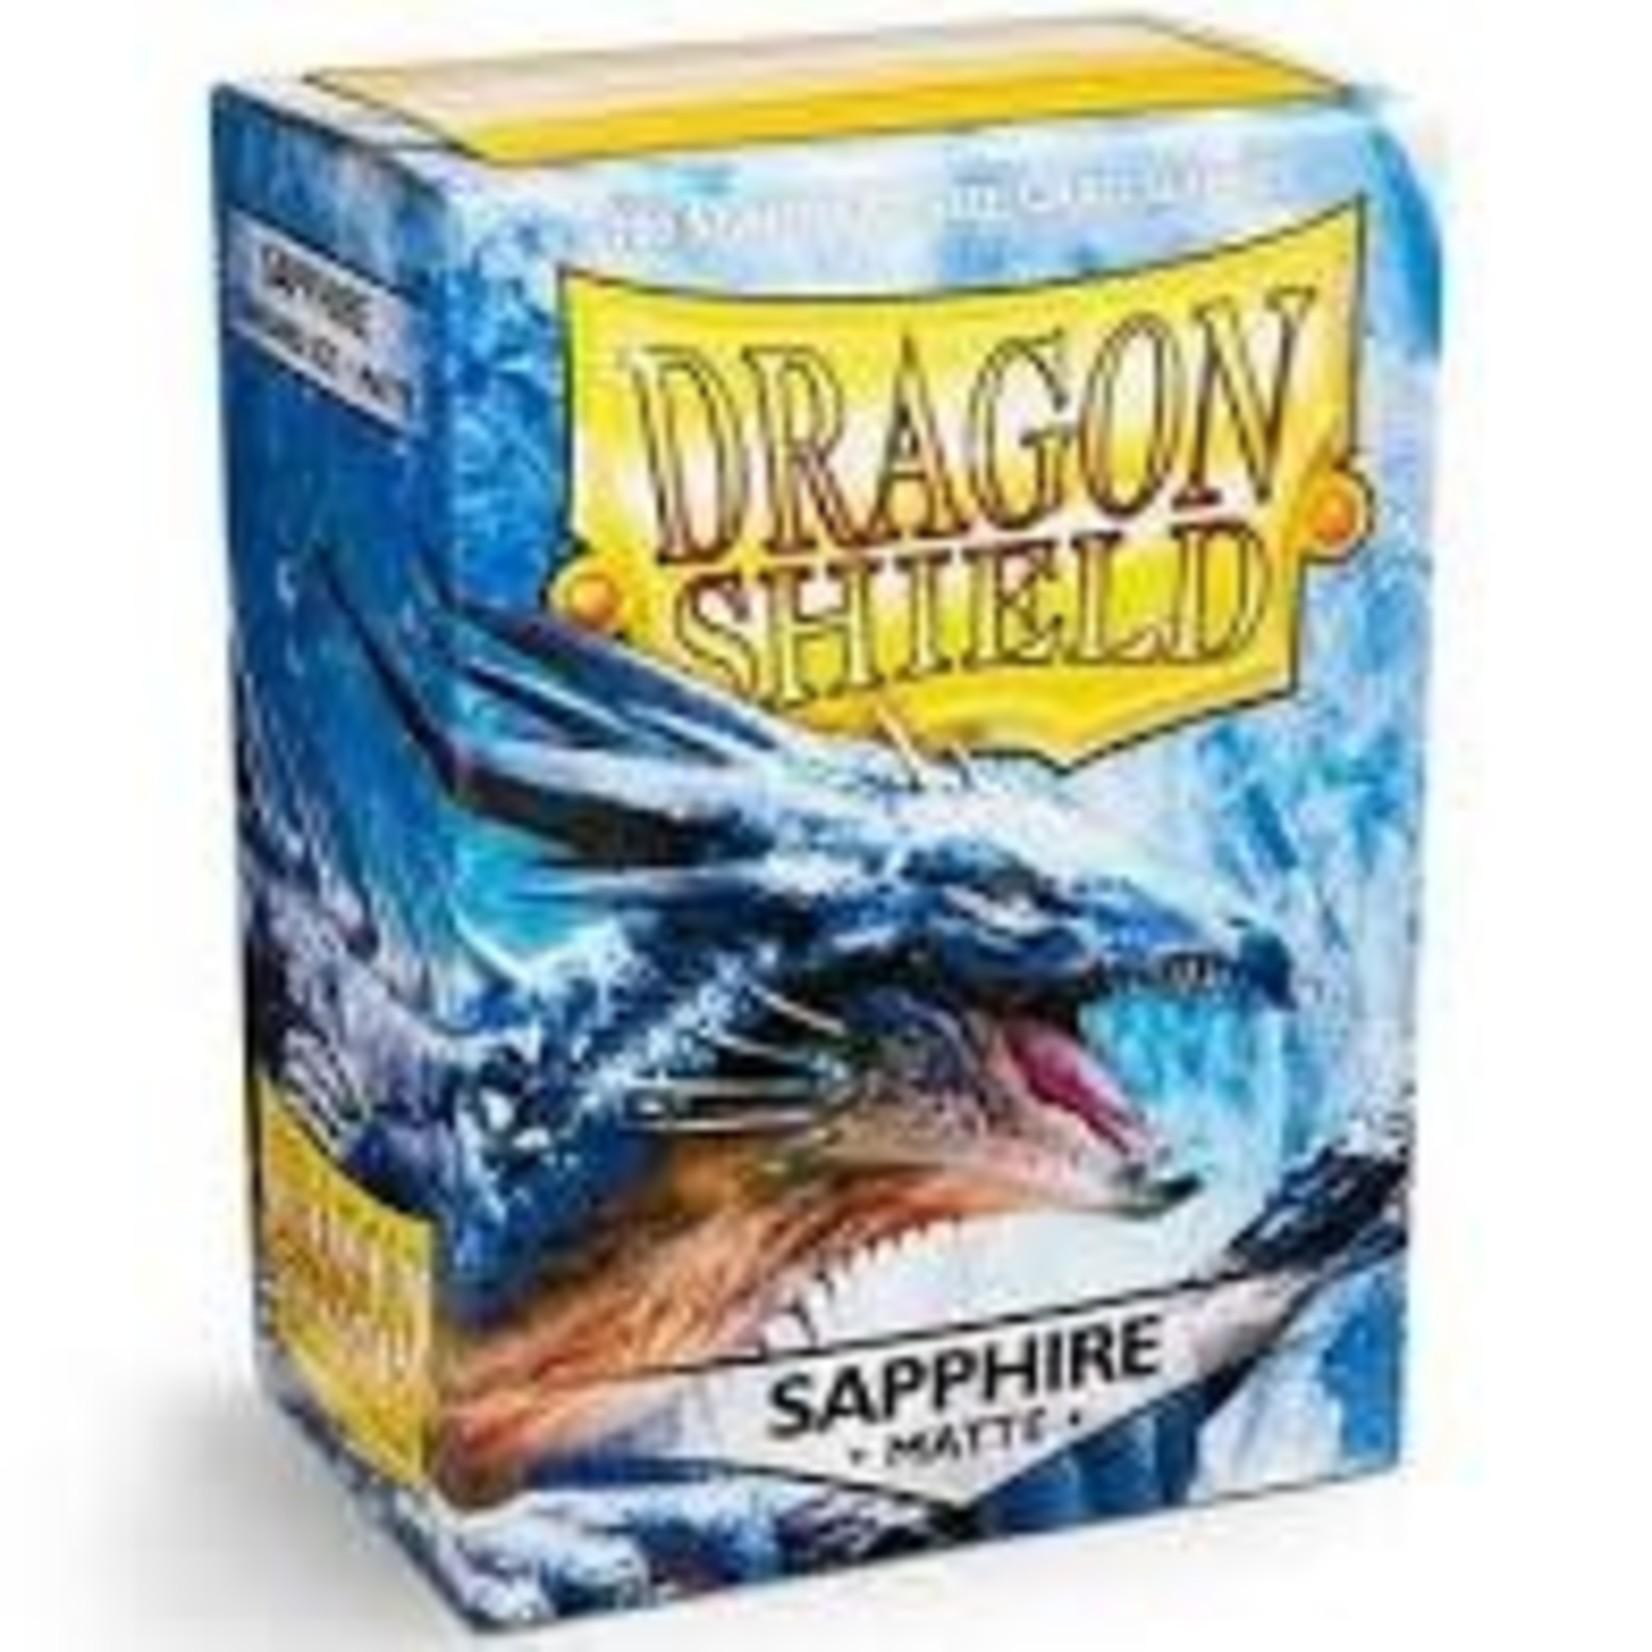 Dragon Shields Dragon Shield Matte Saphire